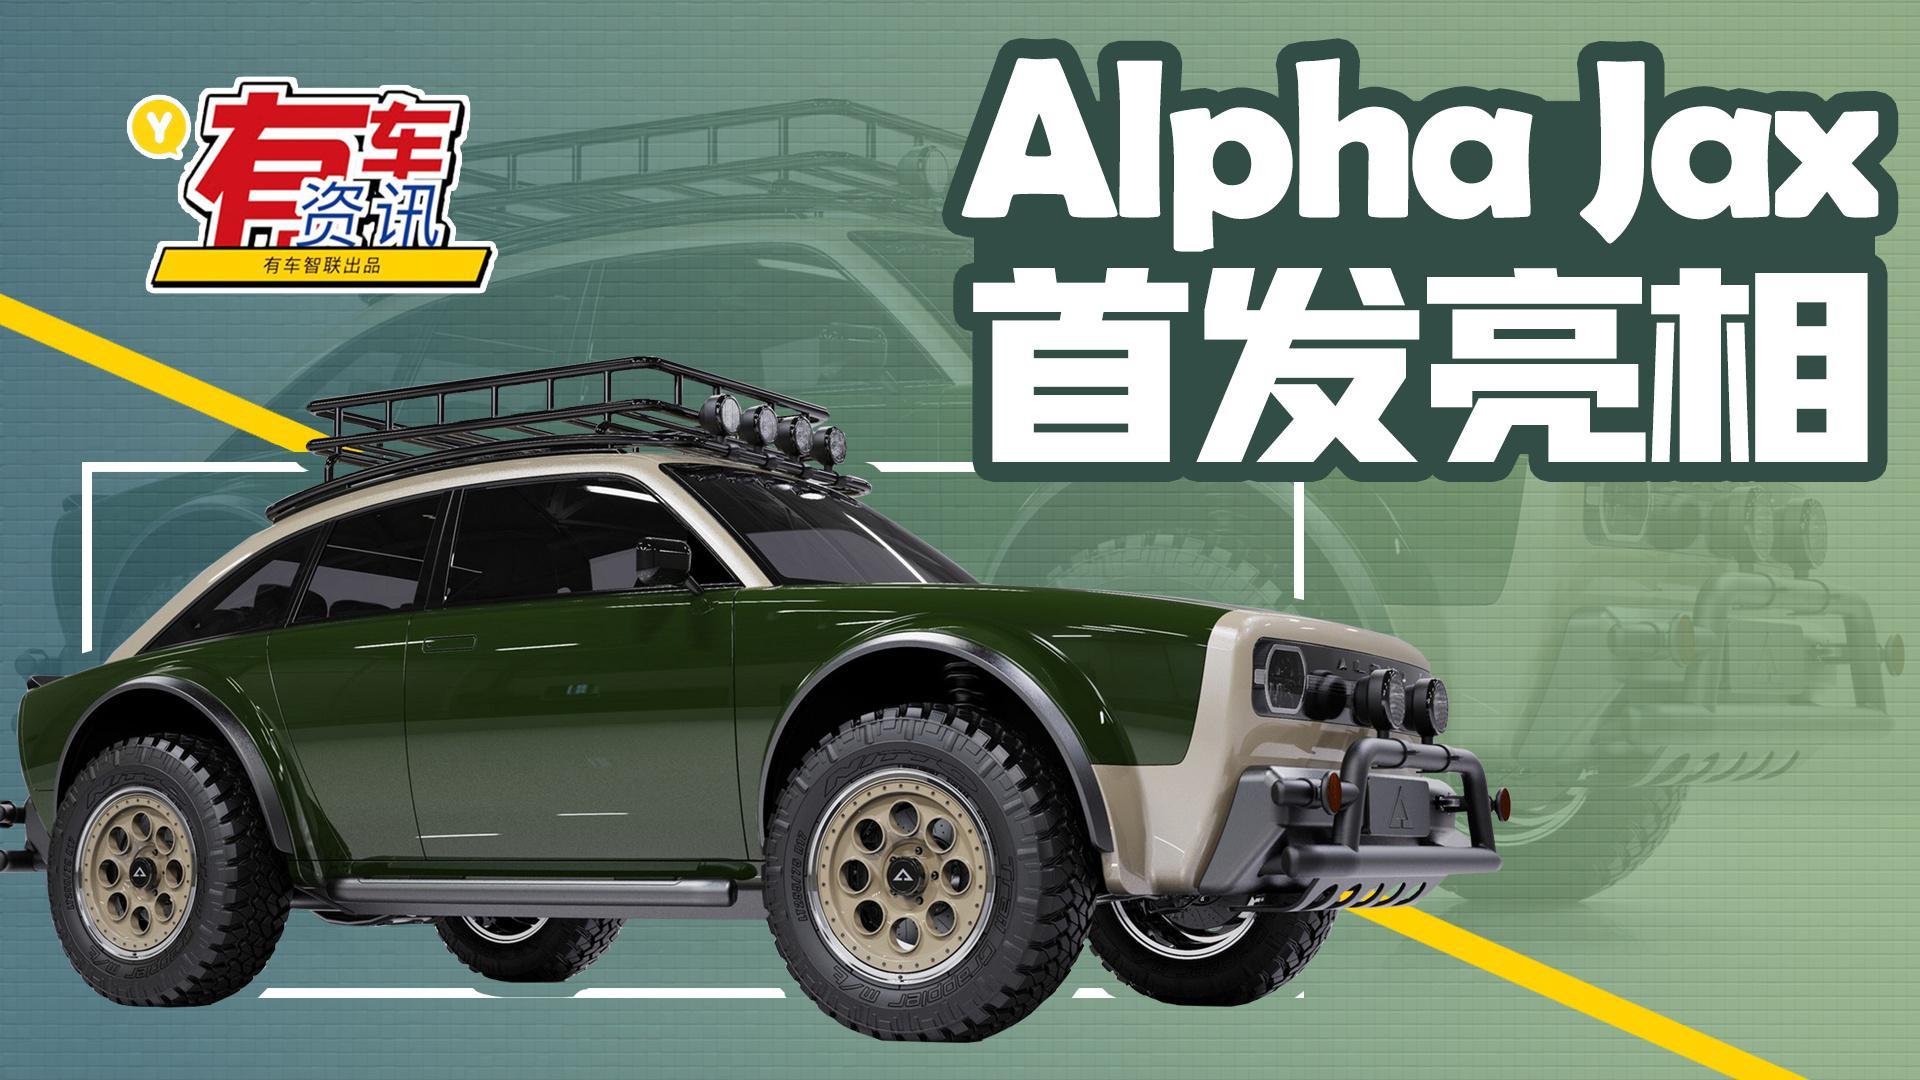 视频:纯电动SUV Alpha Jax亮相 续航里程402公里提供两驱/四驱双版本